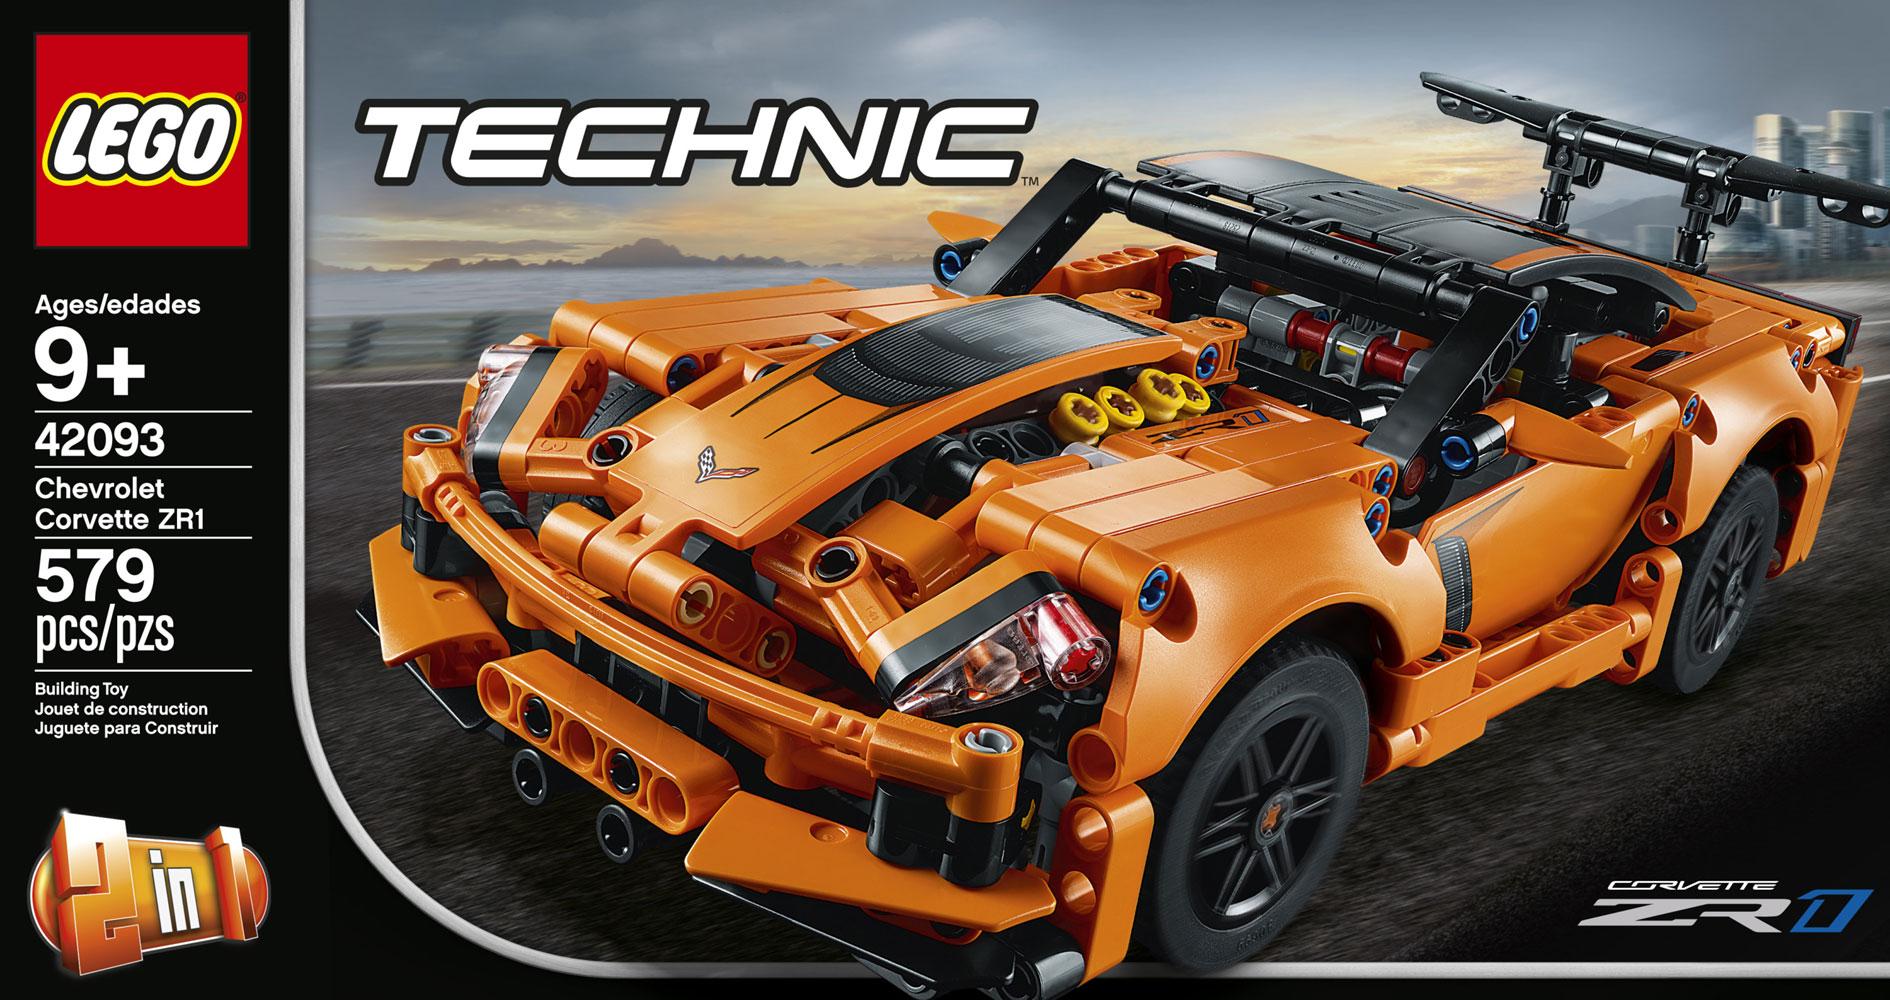 Jeu de construction Chevrolet Corvette ZR1-42093 LEGO Technic